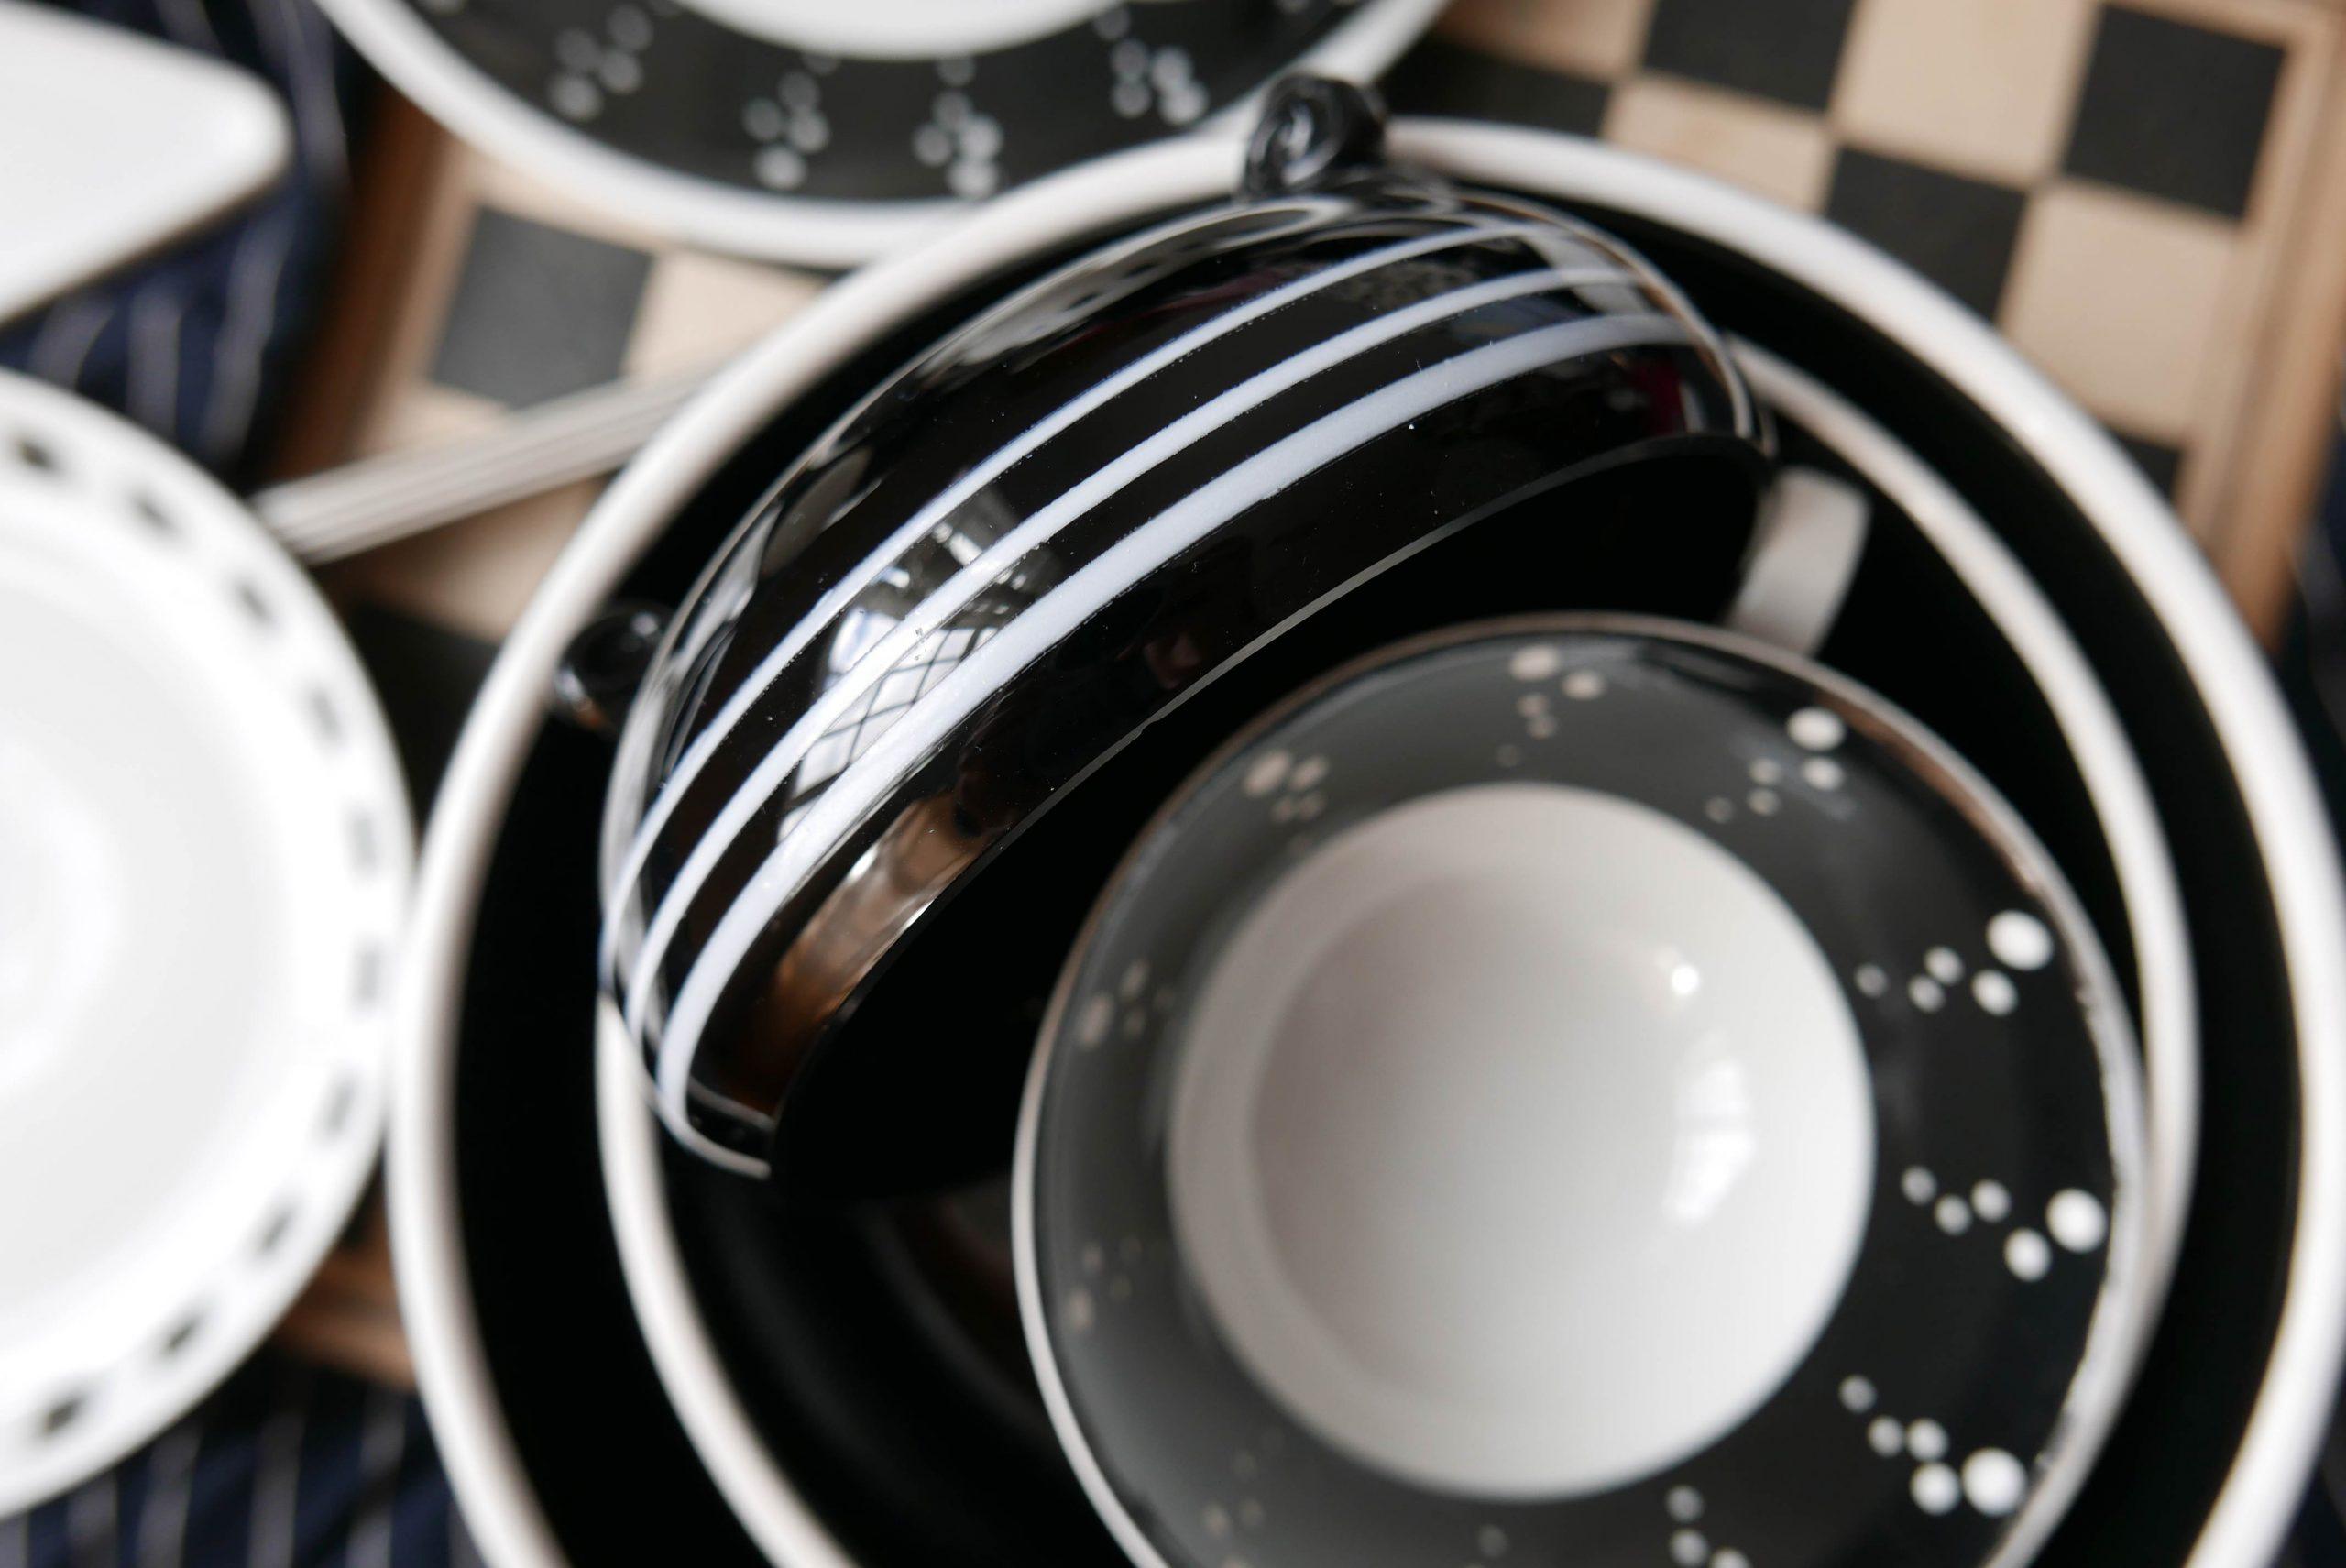 Komposition der Schwarzen und weissen Porzellangefässe auf einem Schachbrett